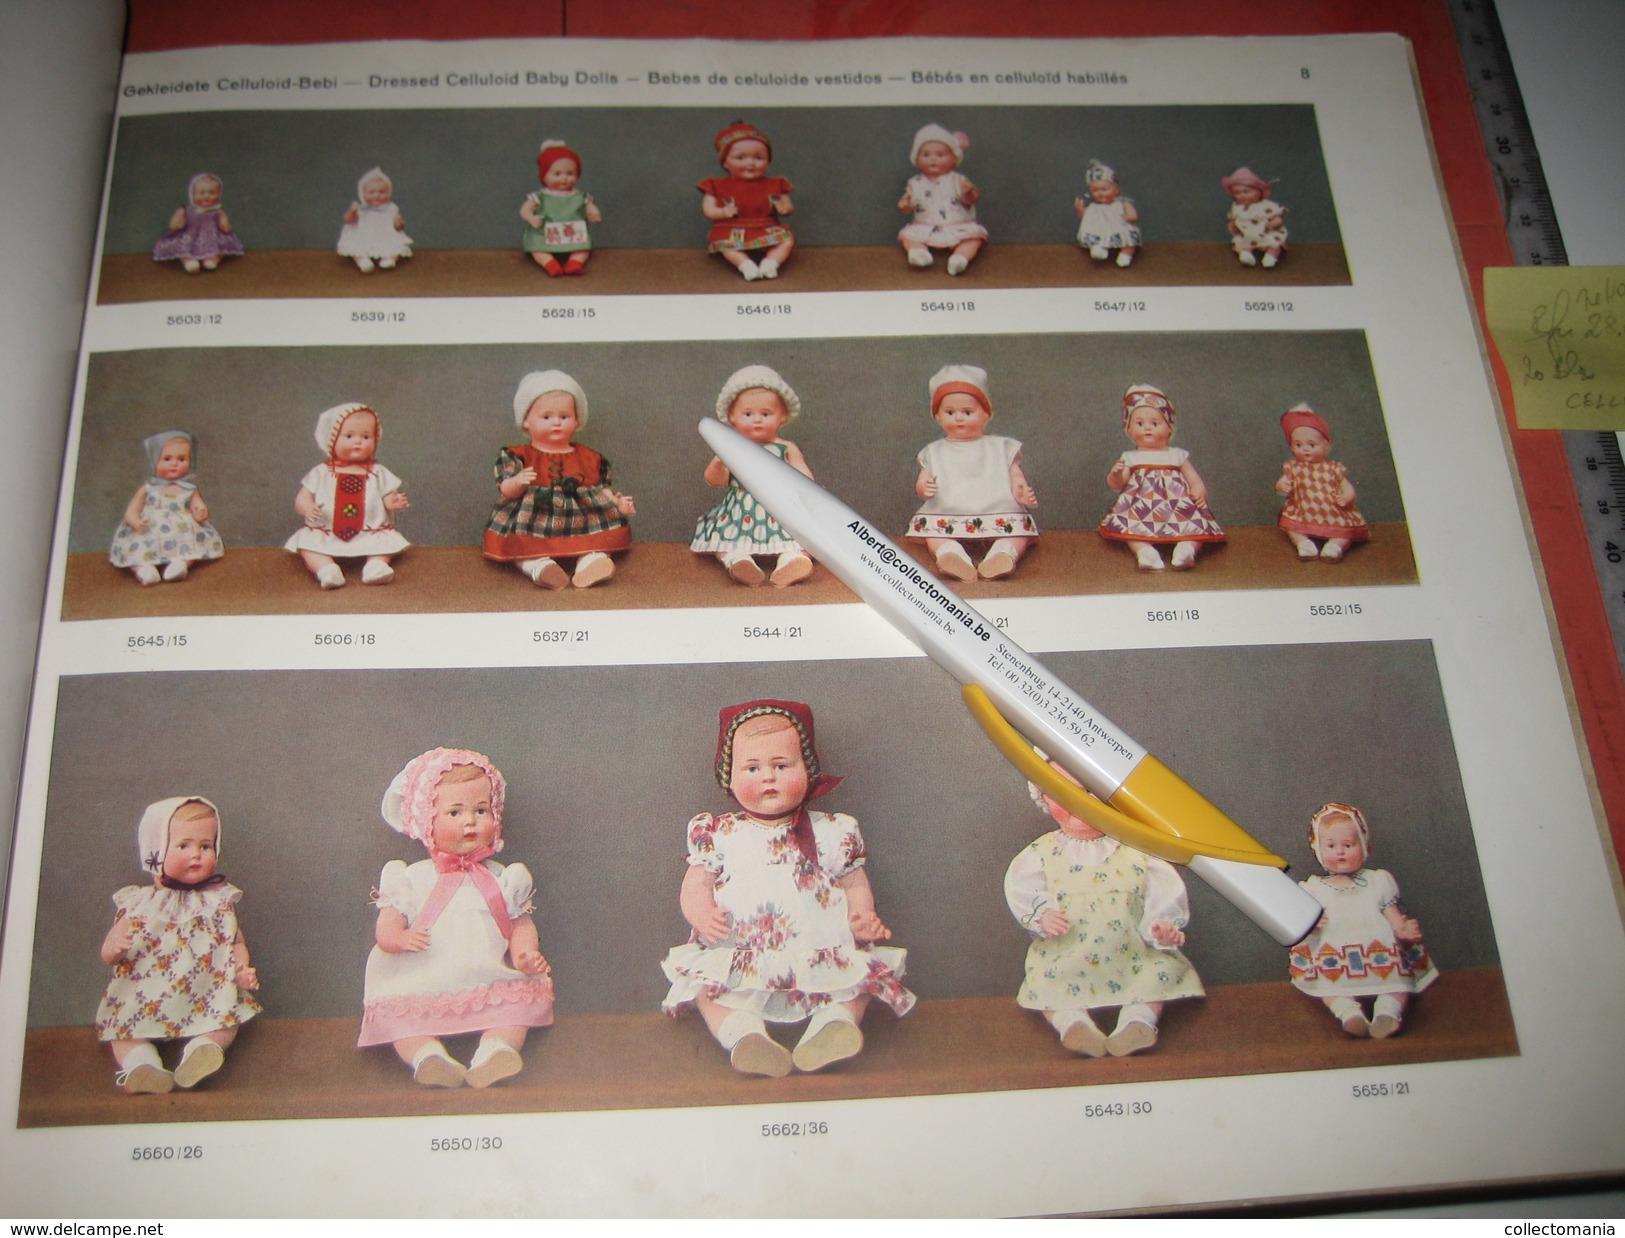 MINERVA 1930 Catalogue  Puppen Und Spielwaren NOSSEN,- BUSCHOW & BECK Metal Doll Heads, & Celluloide Poupées, Nossi Exc - Sonstige